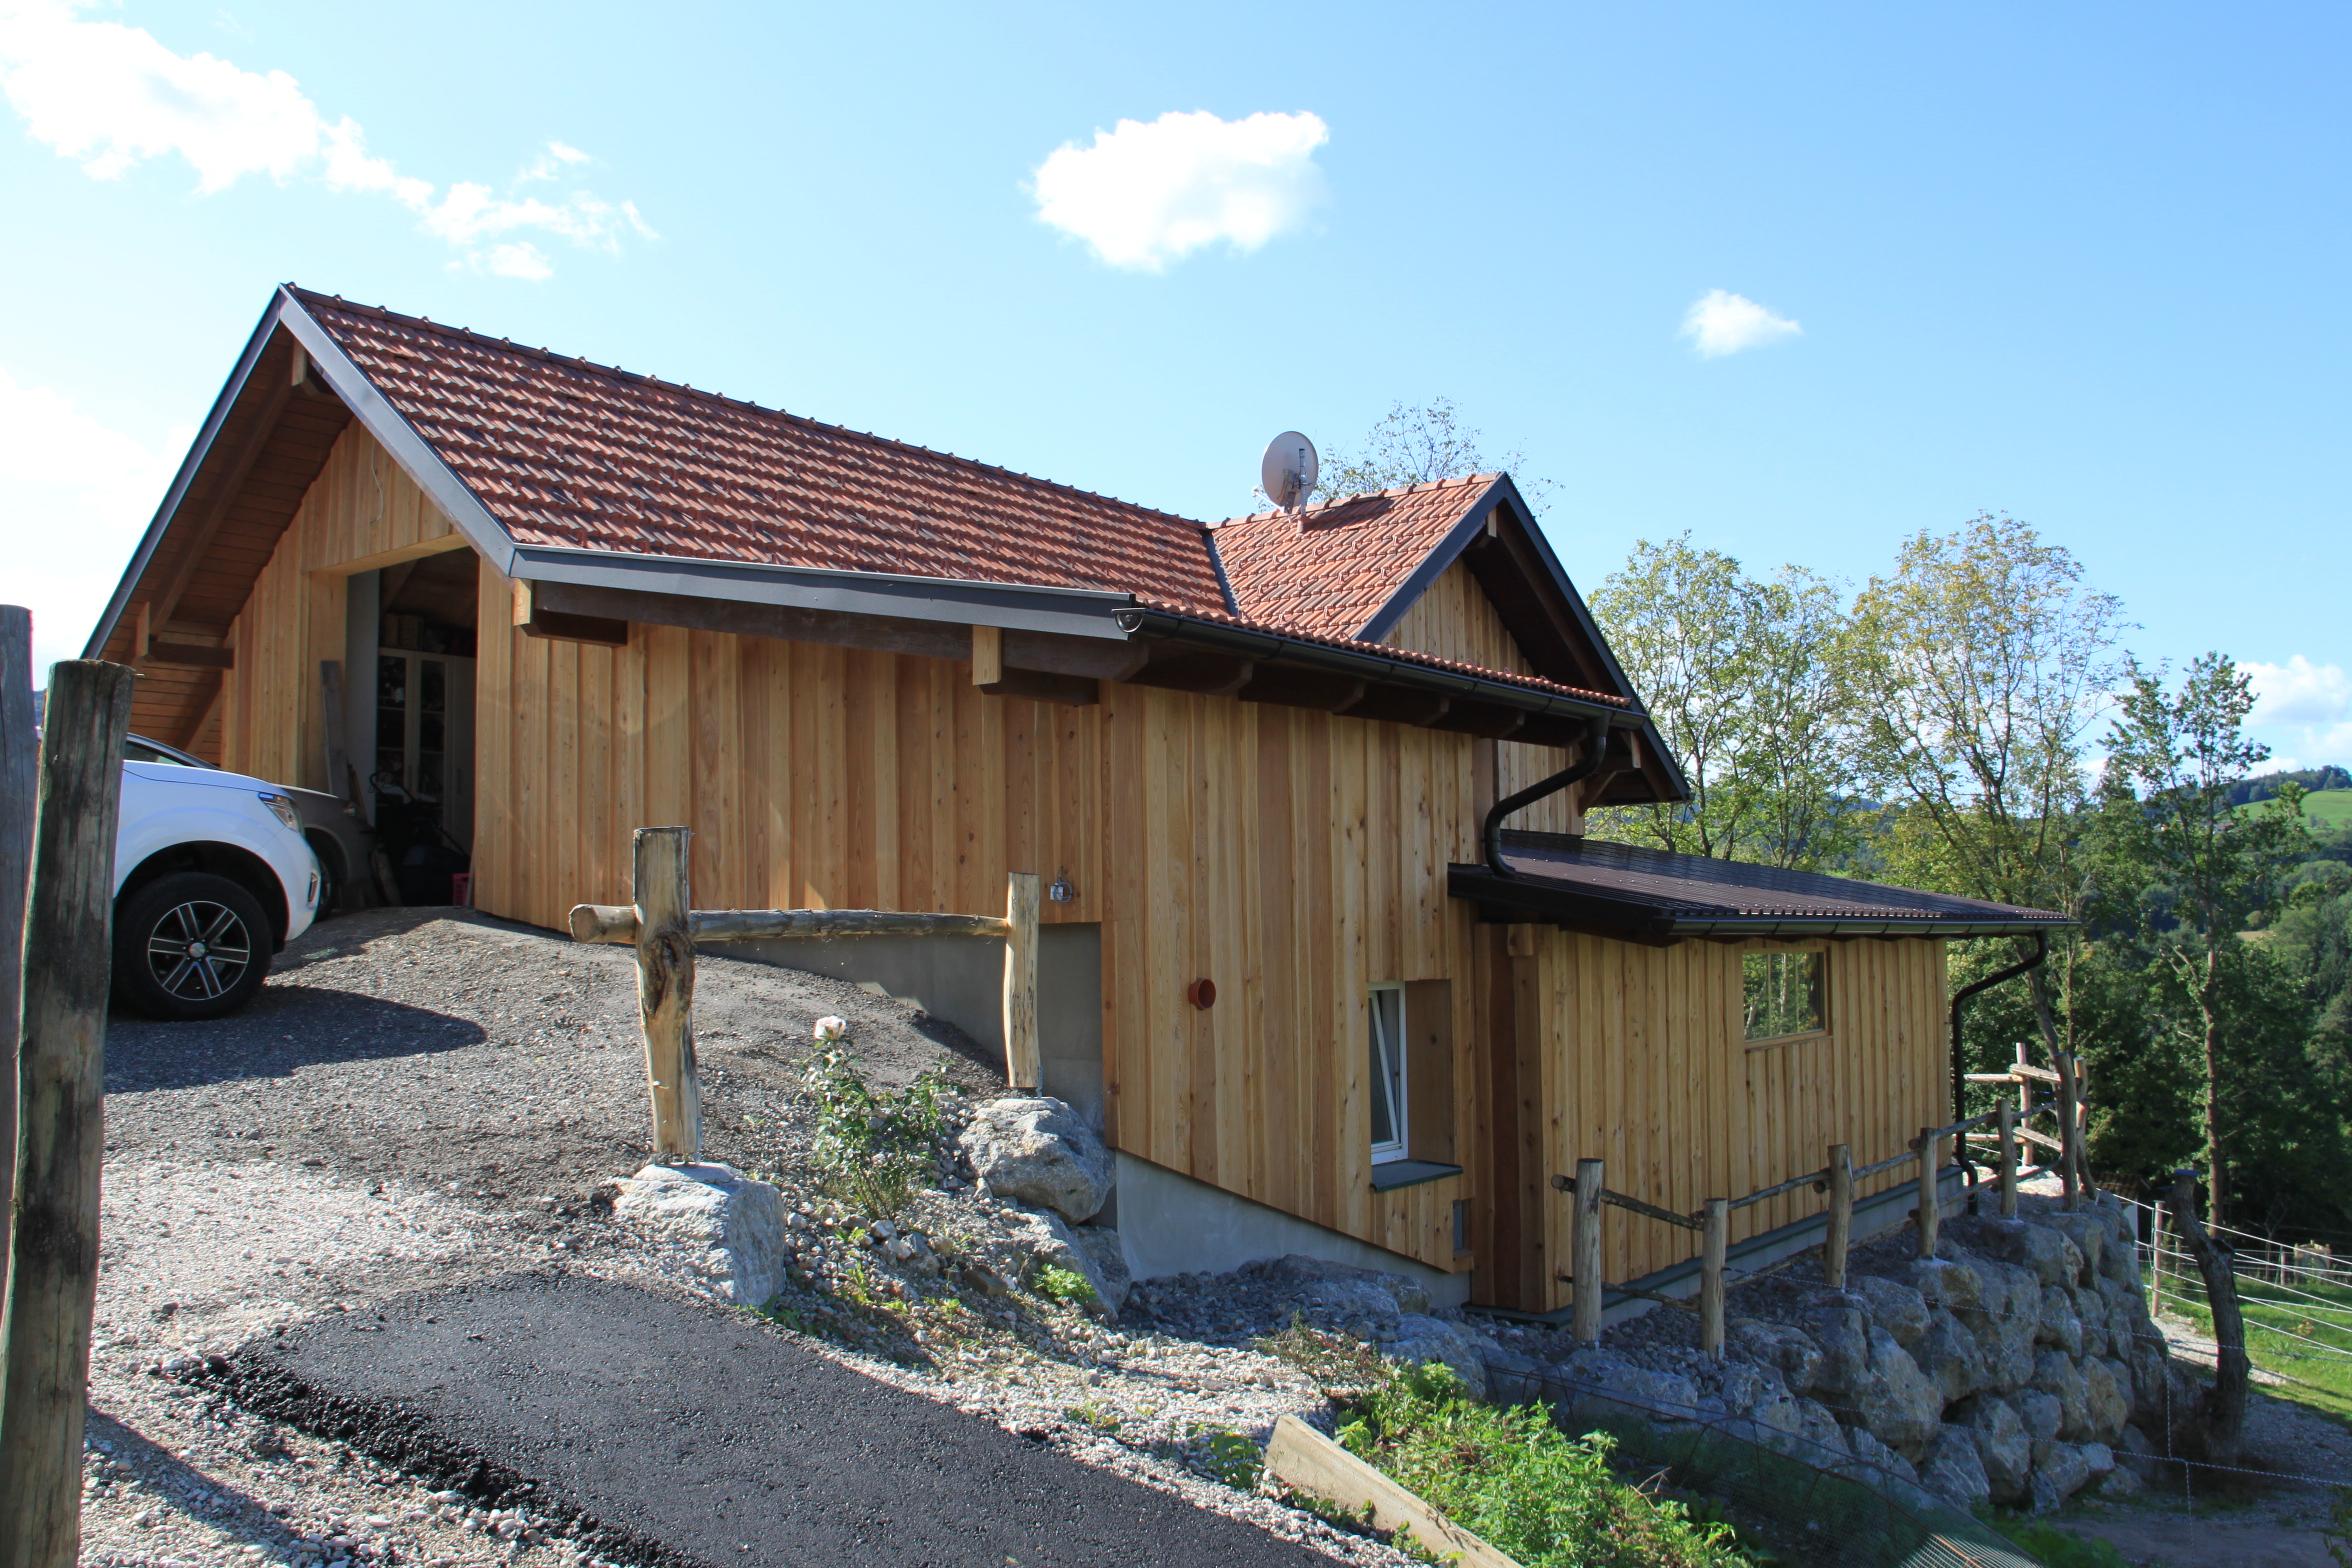 http://www.der-bauberater.at/wp-content/uploads/2017/10/Renovierung_Zubau_01.jpg